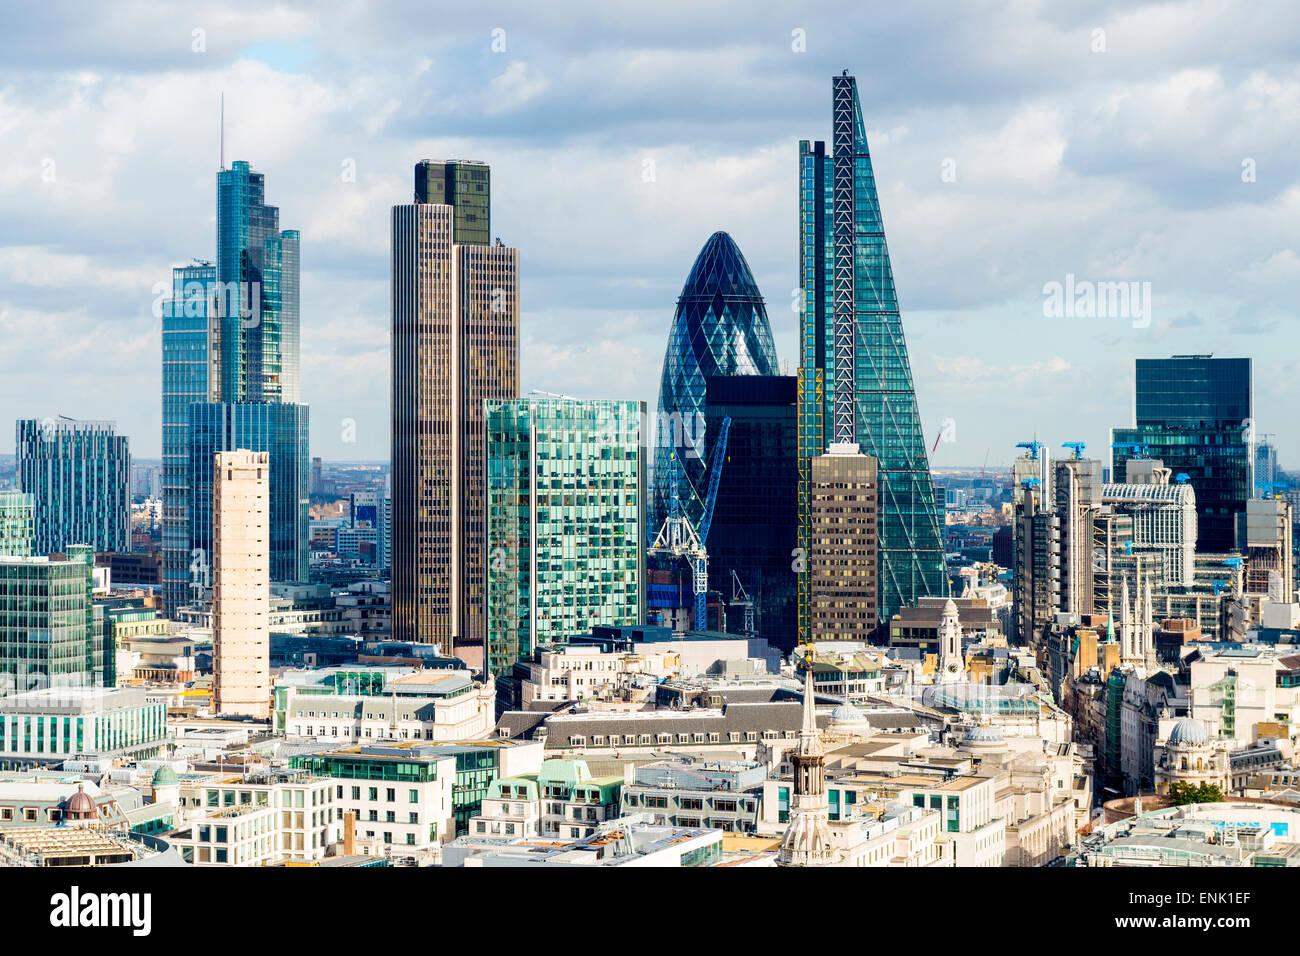 City of London skyline di Londra, Inghilterra, Regno Unito, Europa Immagini Stock